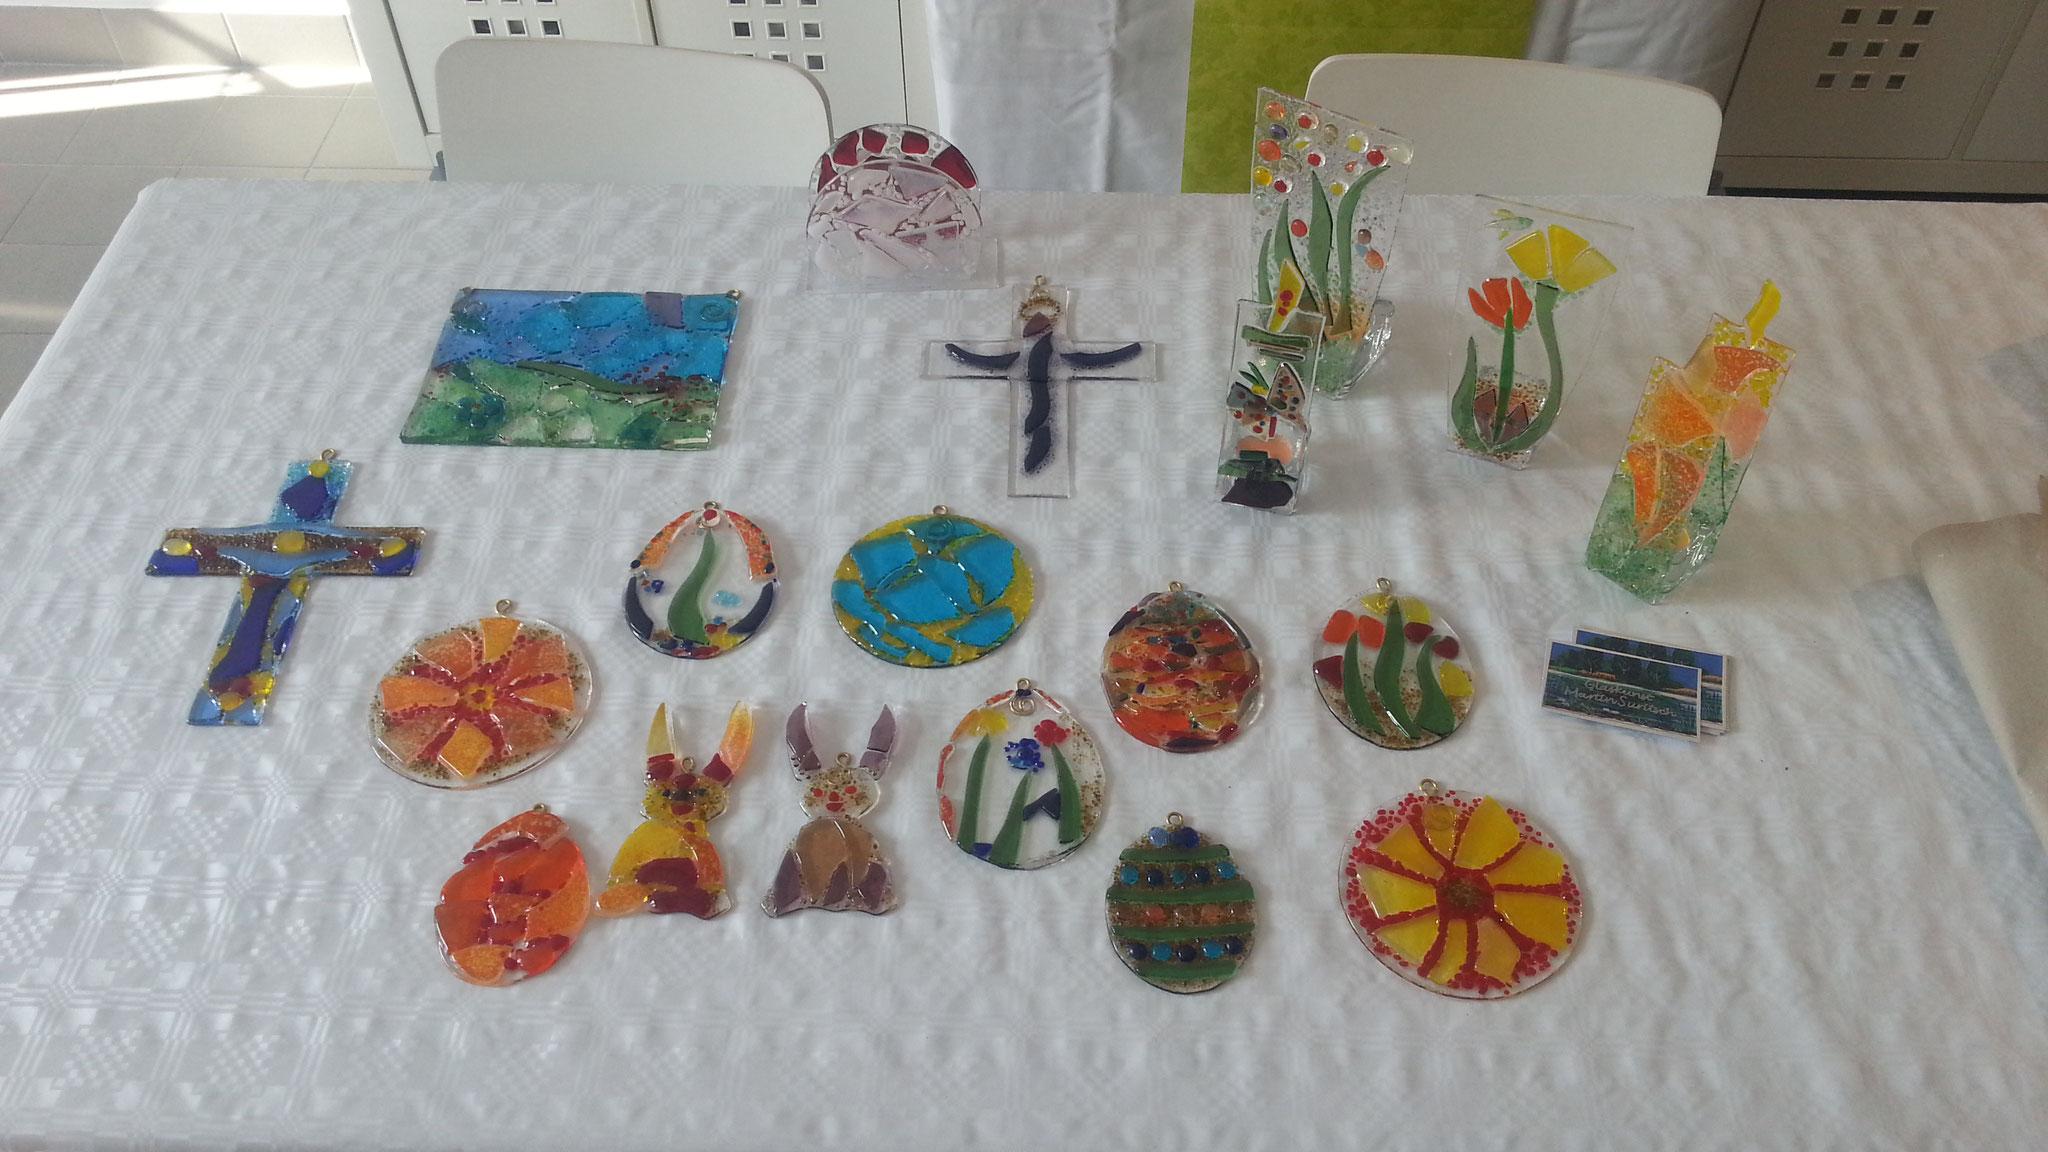 Diese Glasfusing-Werke sind alle im Workshop entstanden!